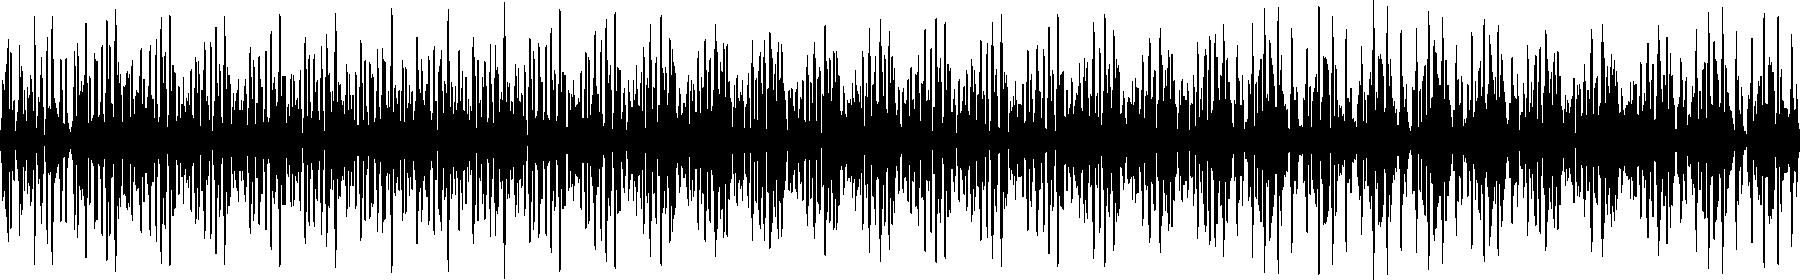 veh2 synths   098 c